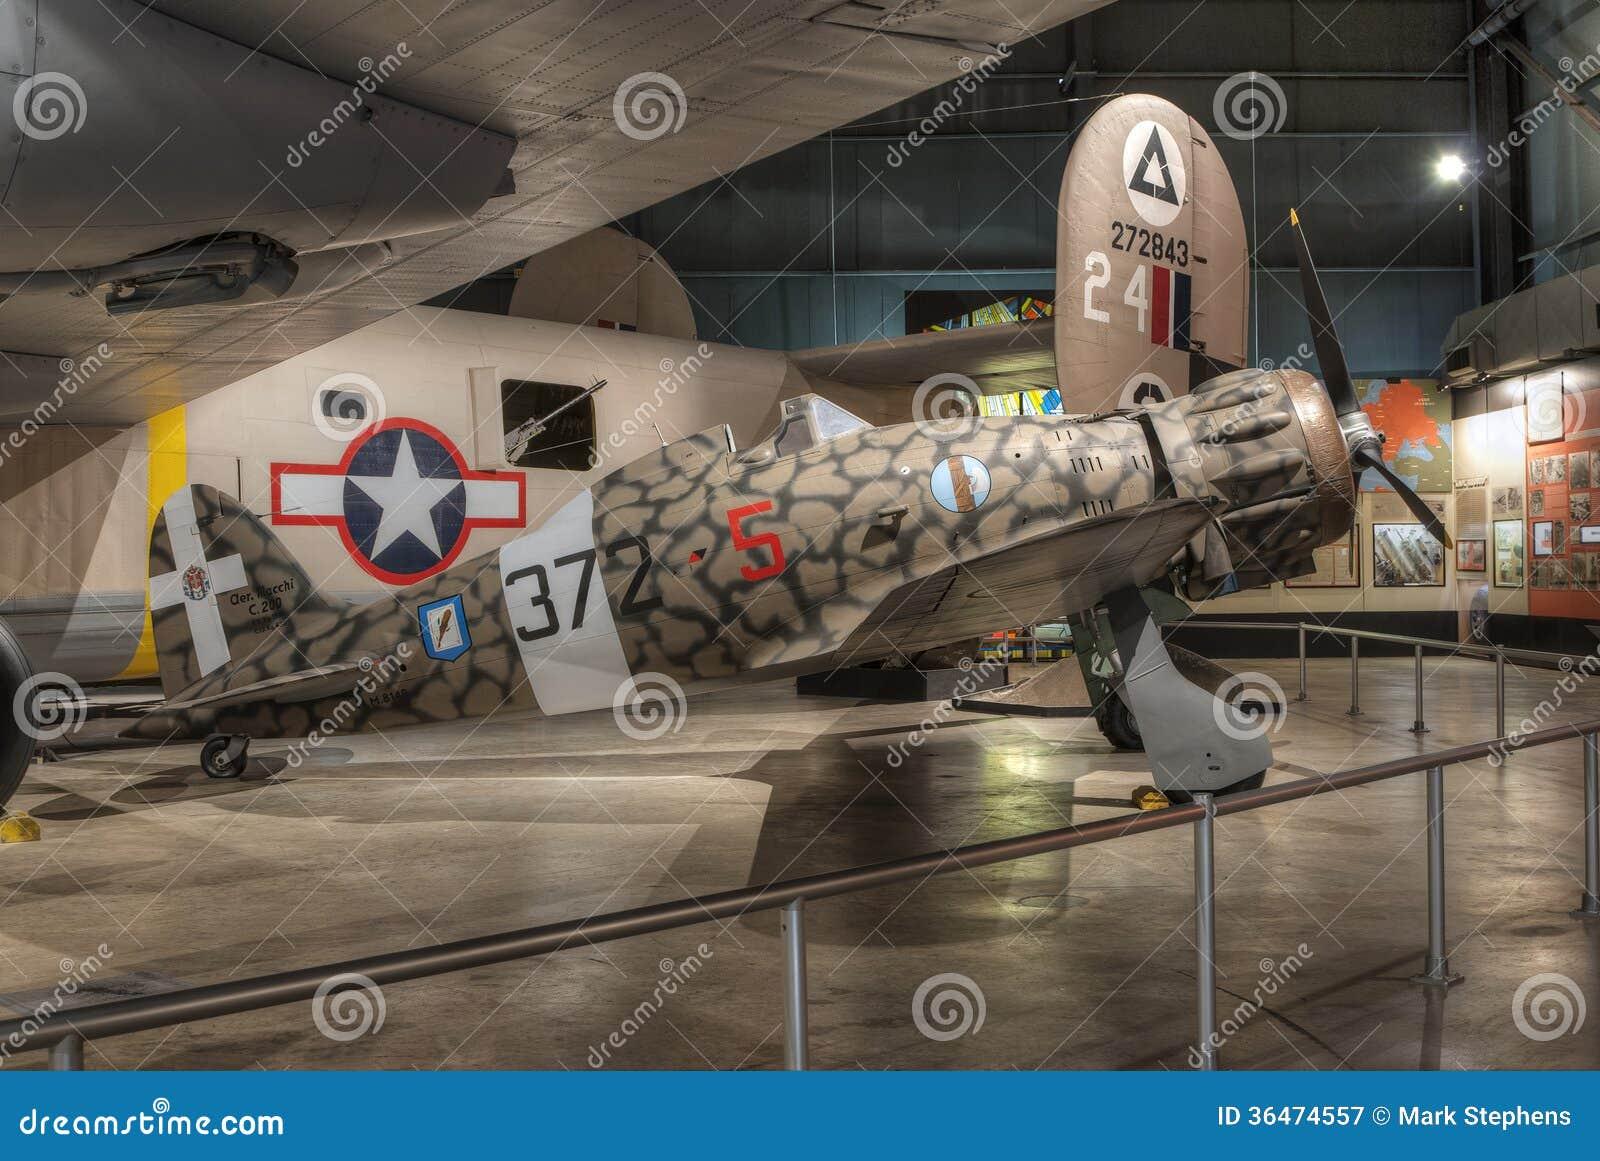 Avions au musée de l U.S. Air Force, Dayton, Ohio